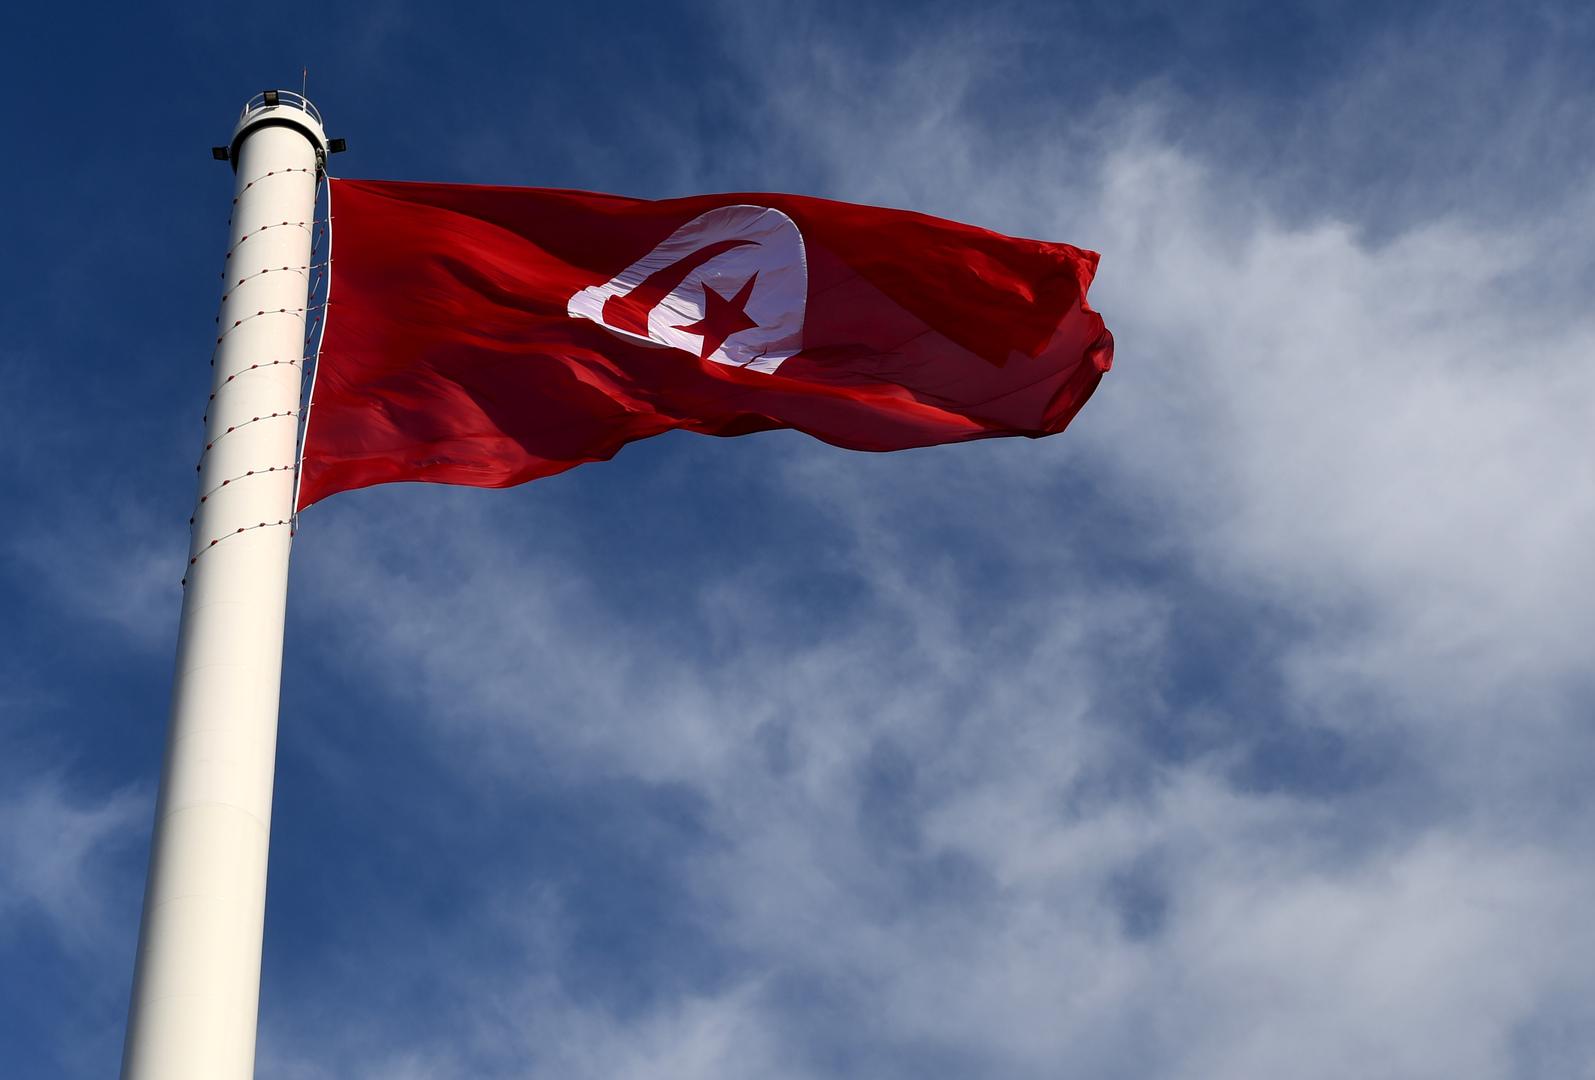 تونس: لا نعتزم التطبيع مع إسرائيل وموقفنا لن يتأثر بالتغيرات الدولية